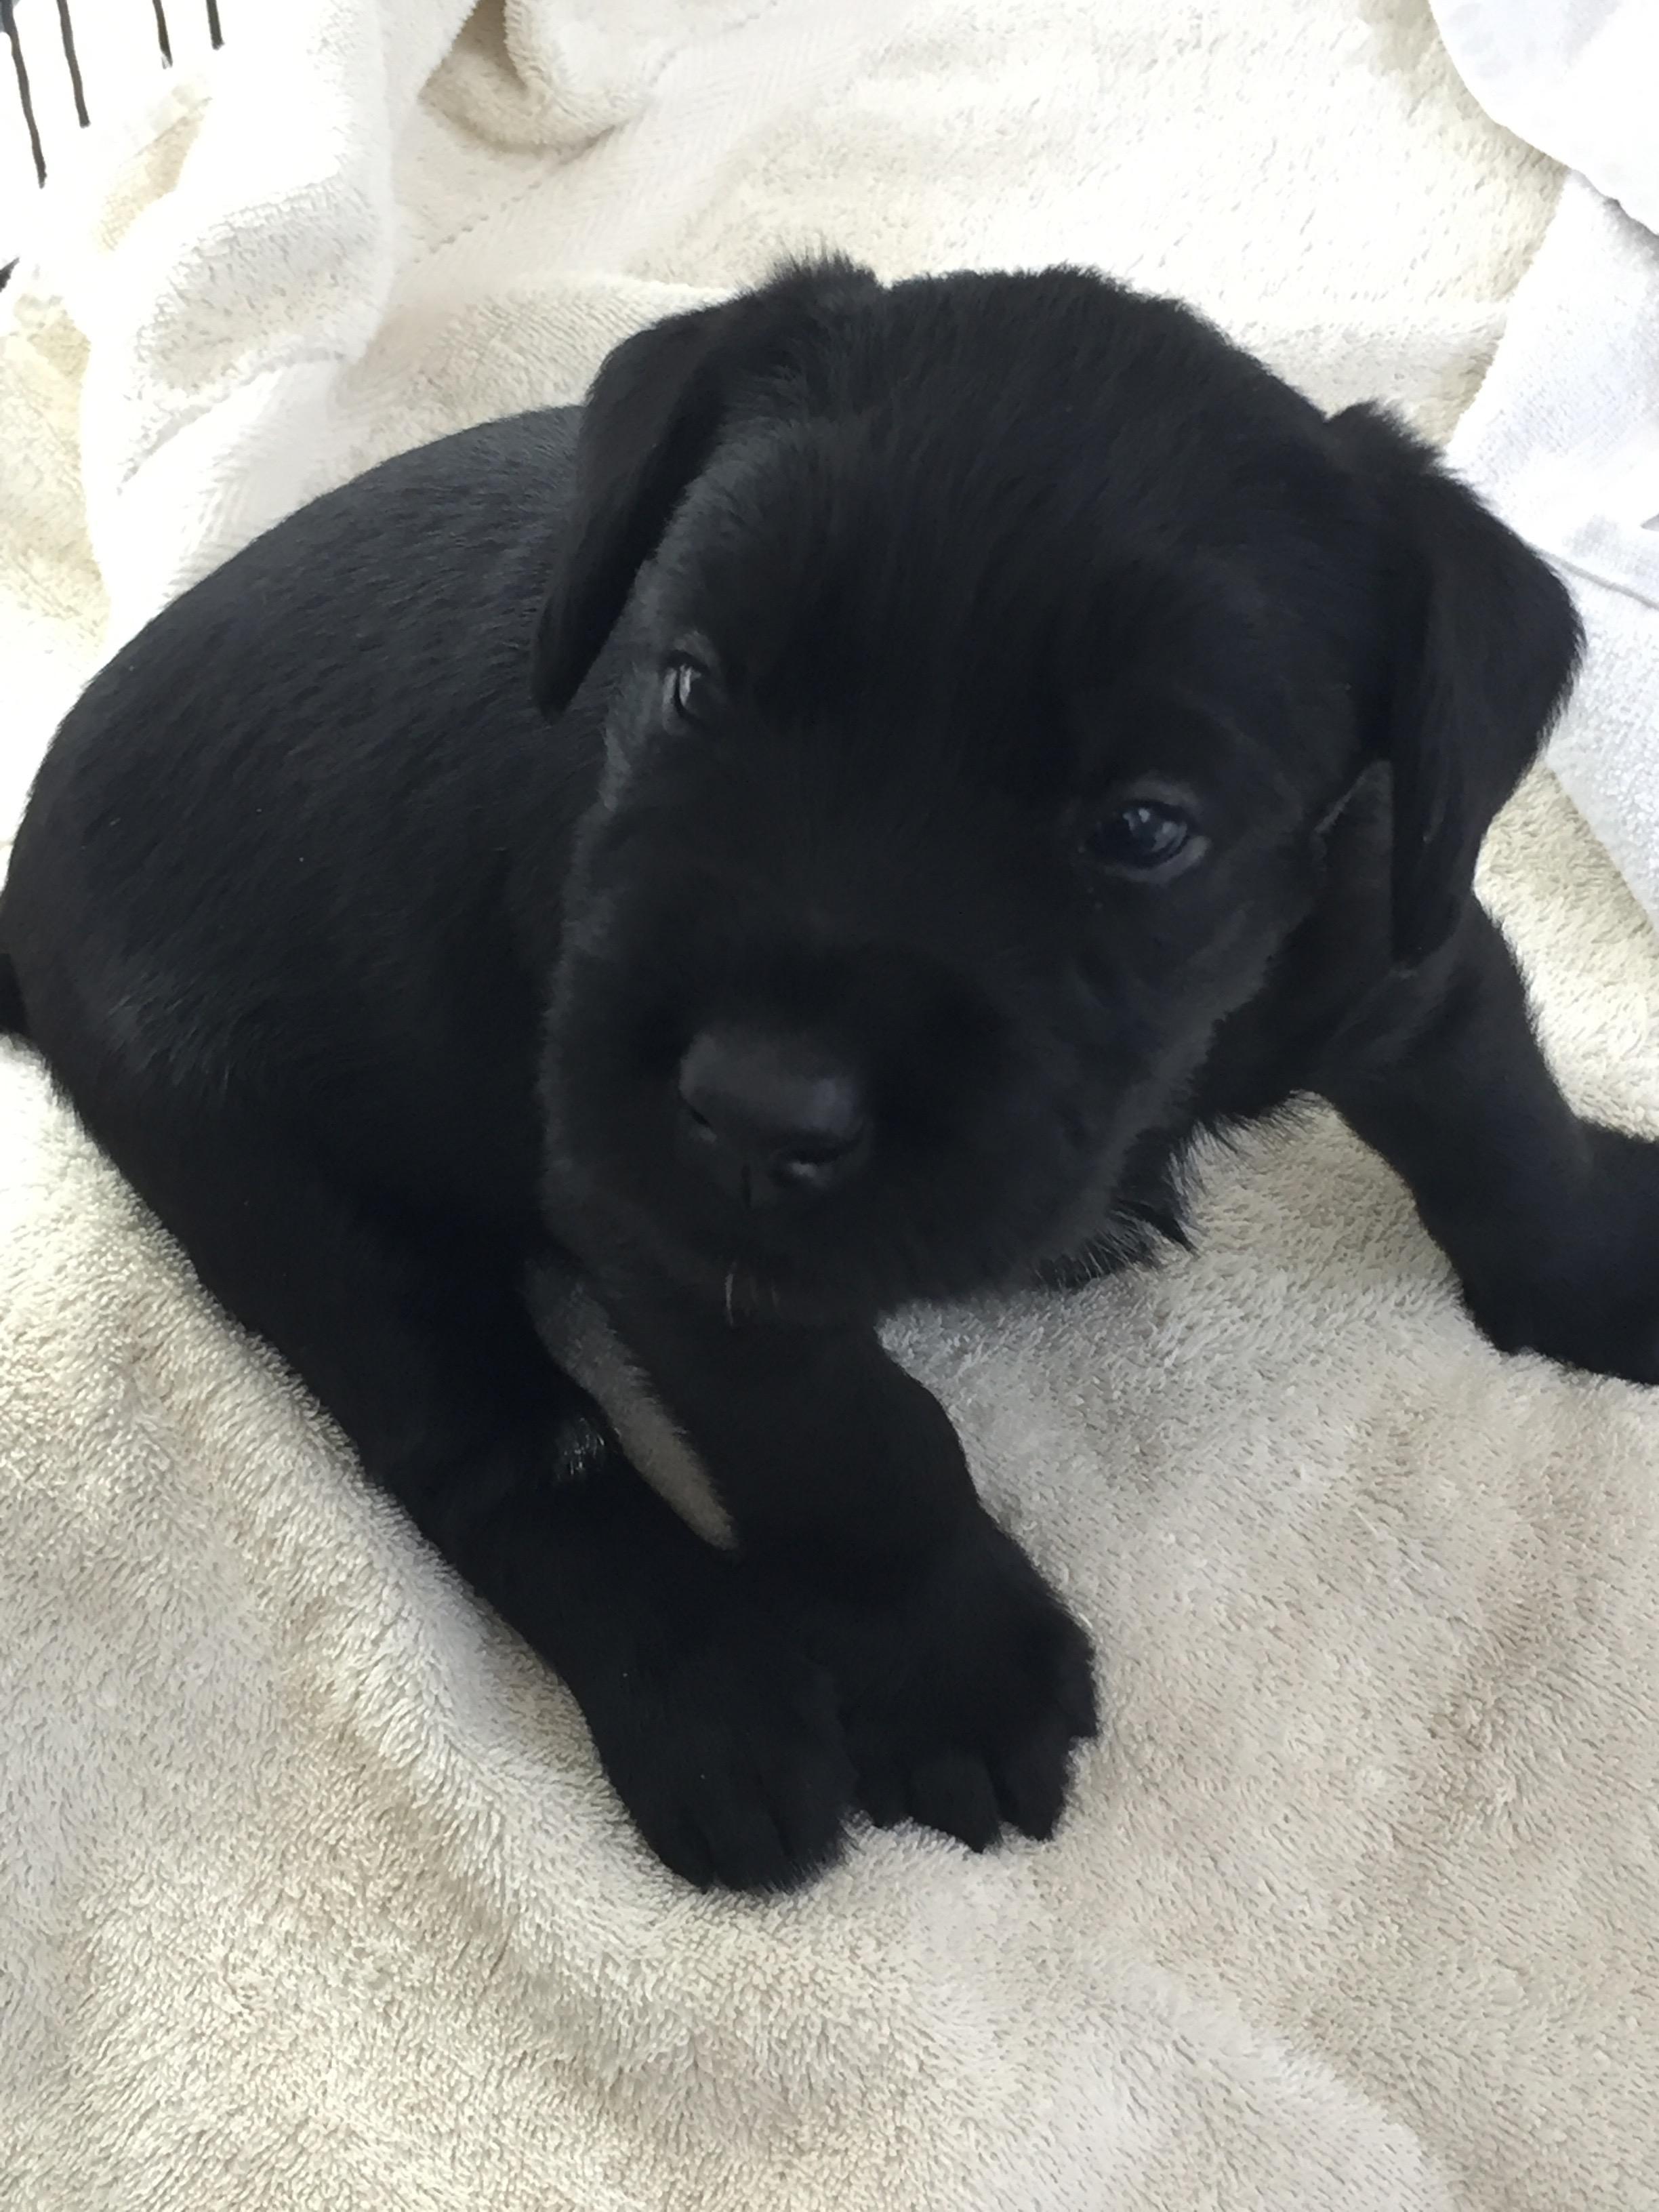 https://0201.nccdn.net/1_2/000/000/195/1d1/Puppy-4.jpg